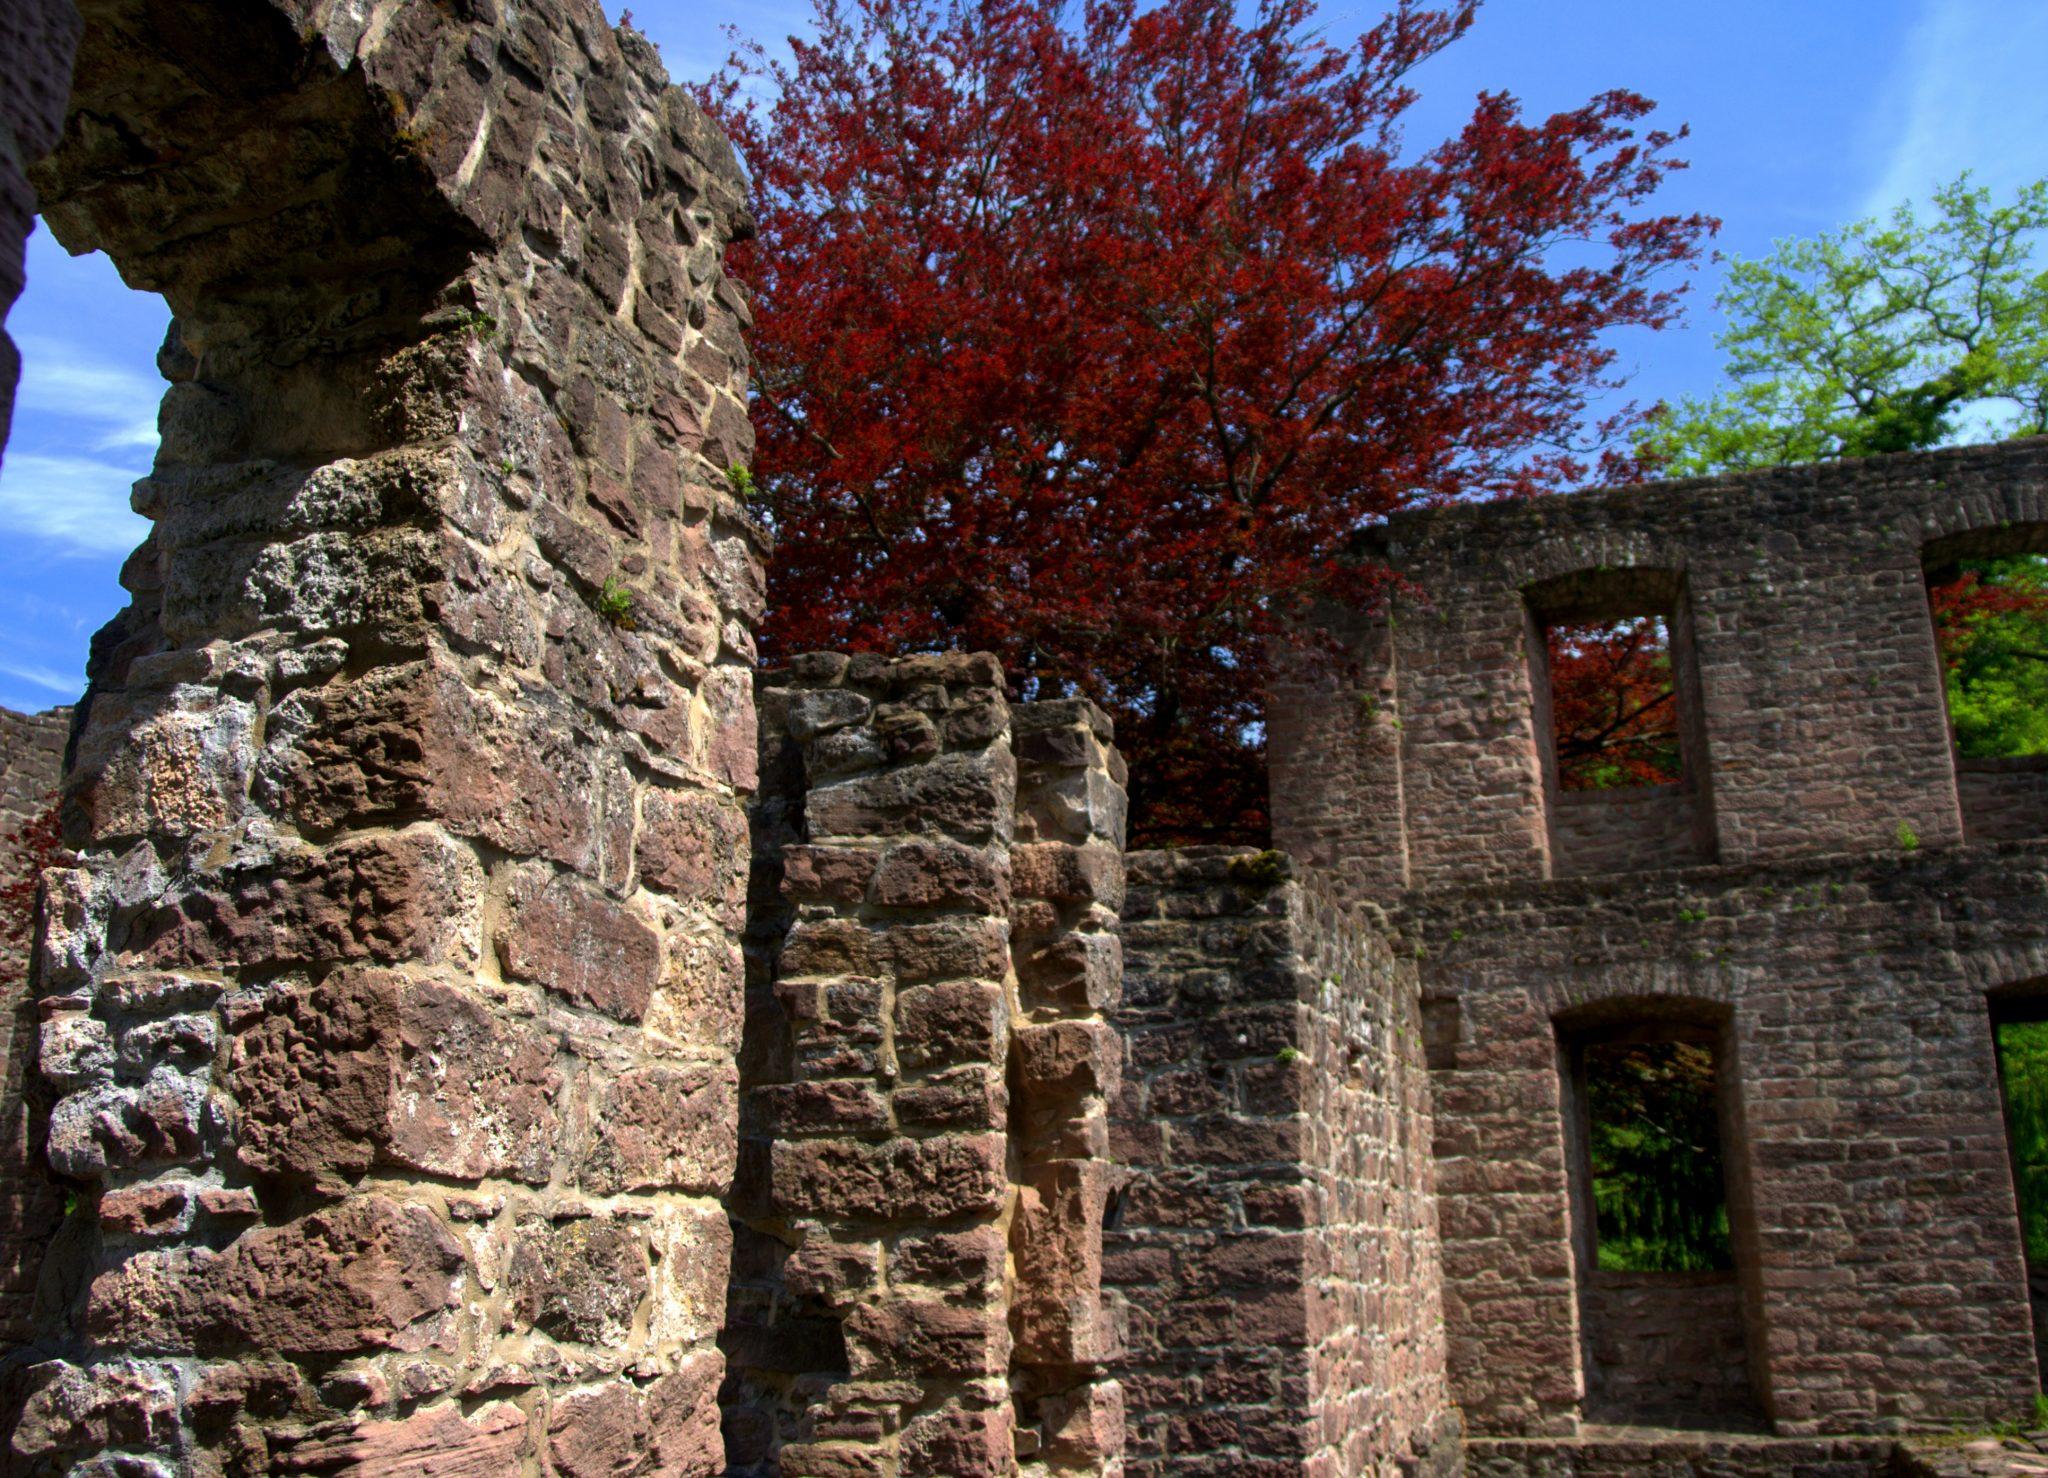 Roter Busch auf Mauerwerk - Frauenalb - Schwarzwald